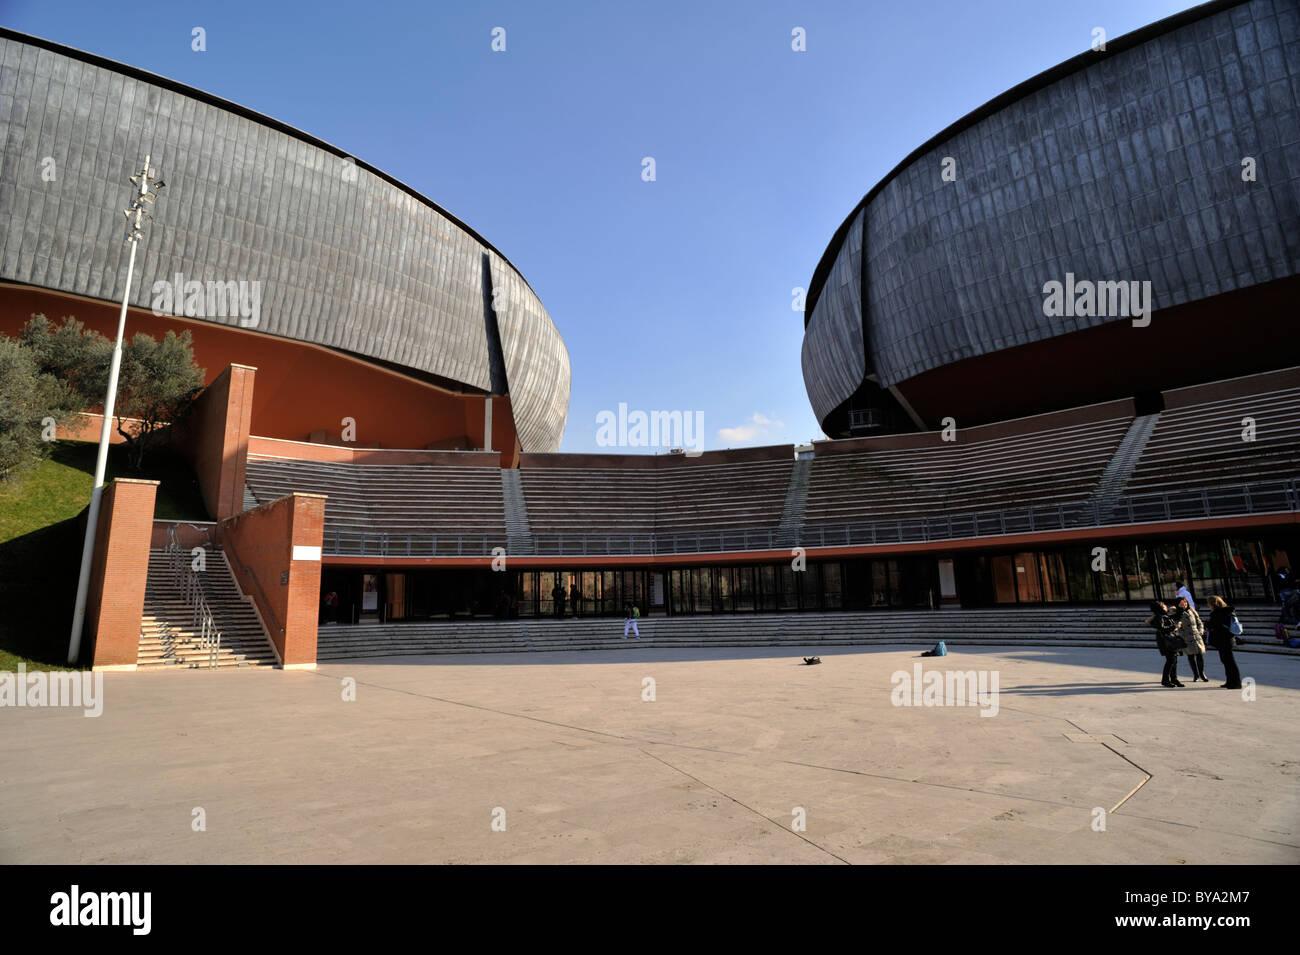 italy, rome, auditorium parco della musica, architect renzo piano - Stock Image